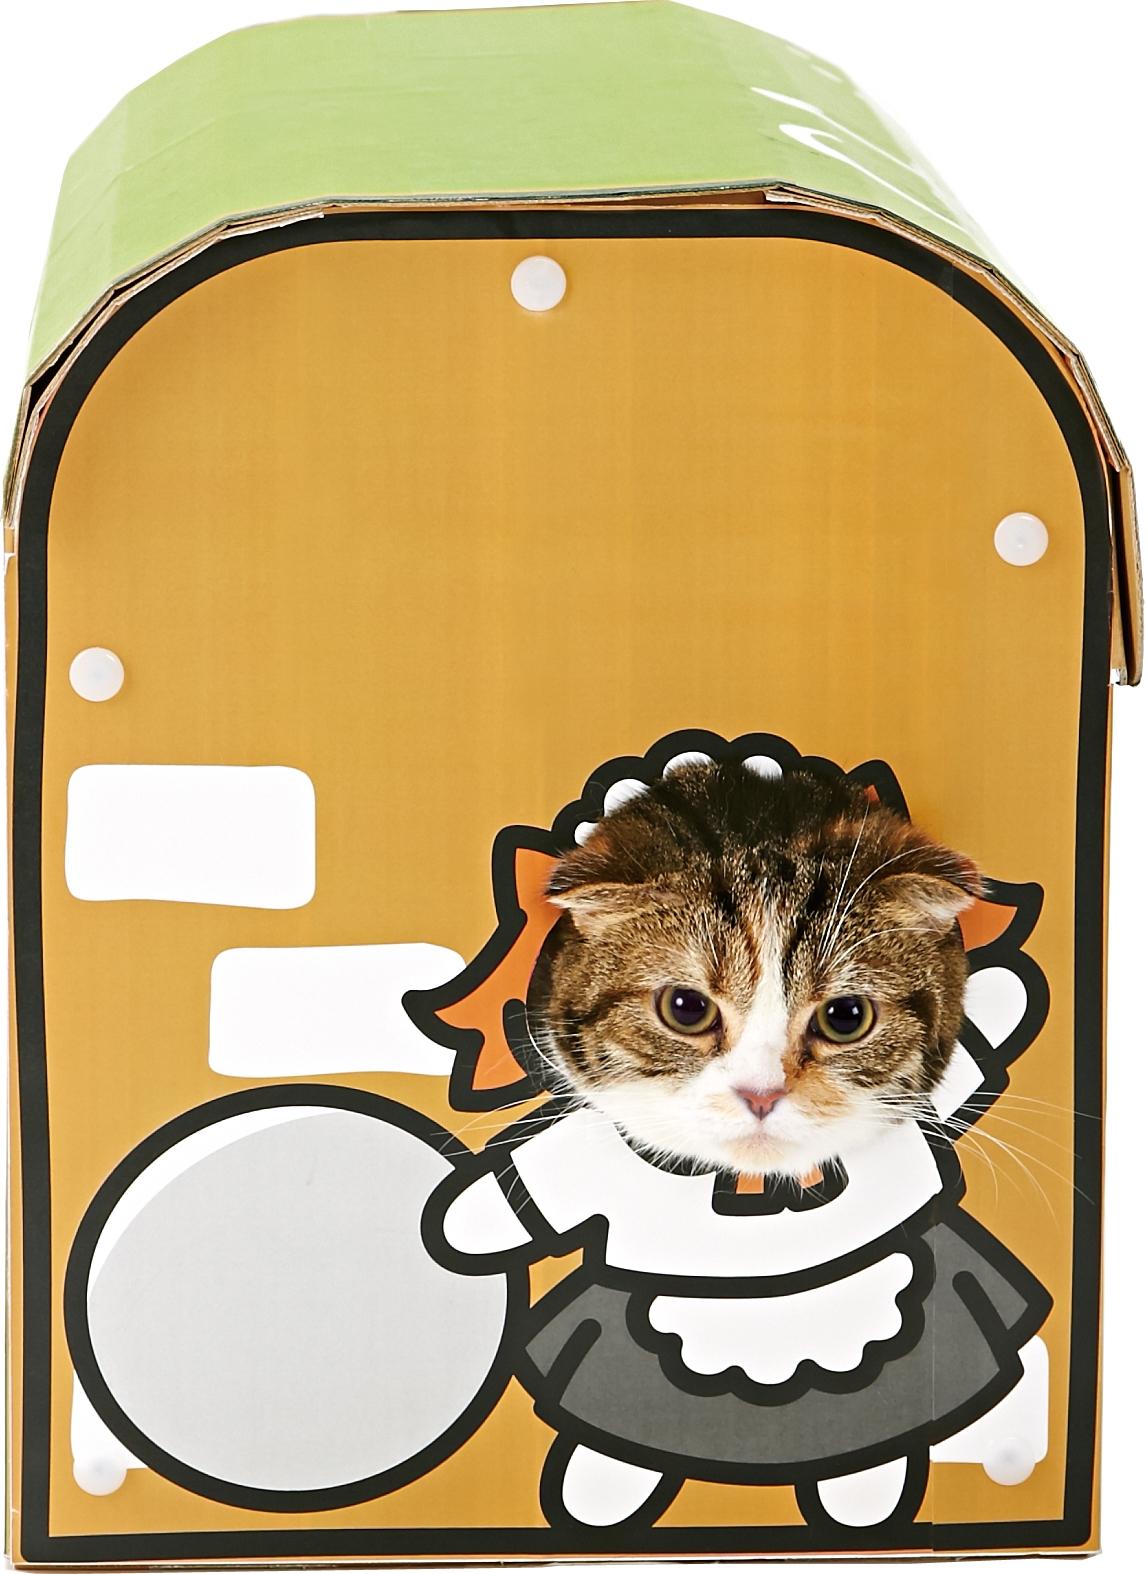 『ねこあつめ』の猫用おもちゃシリーズ